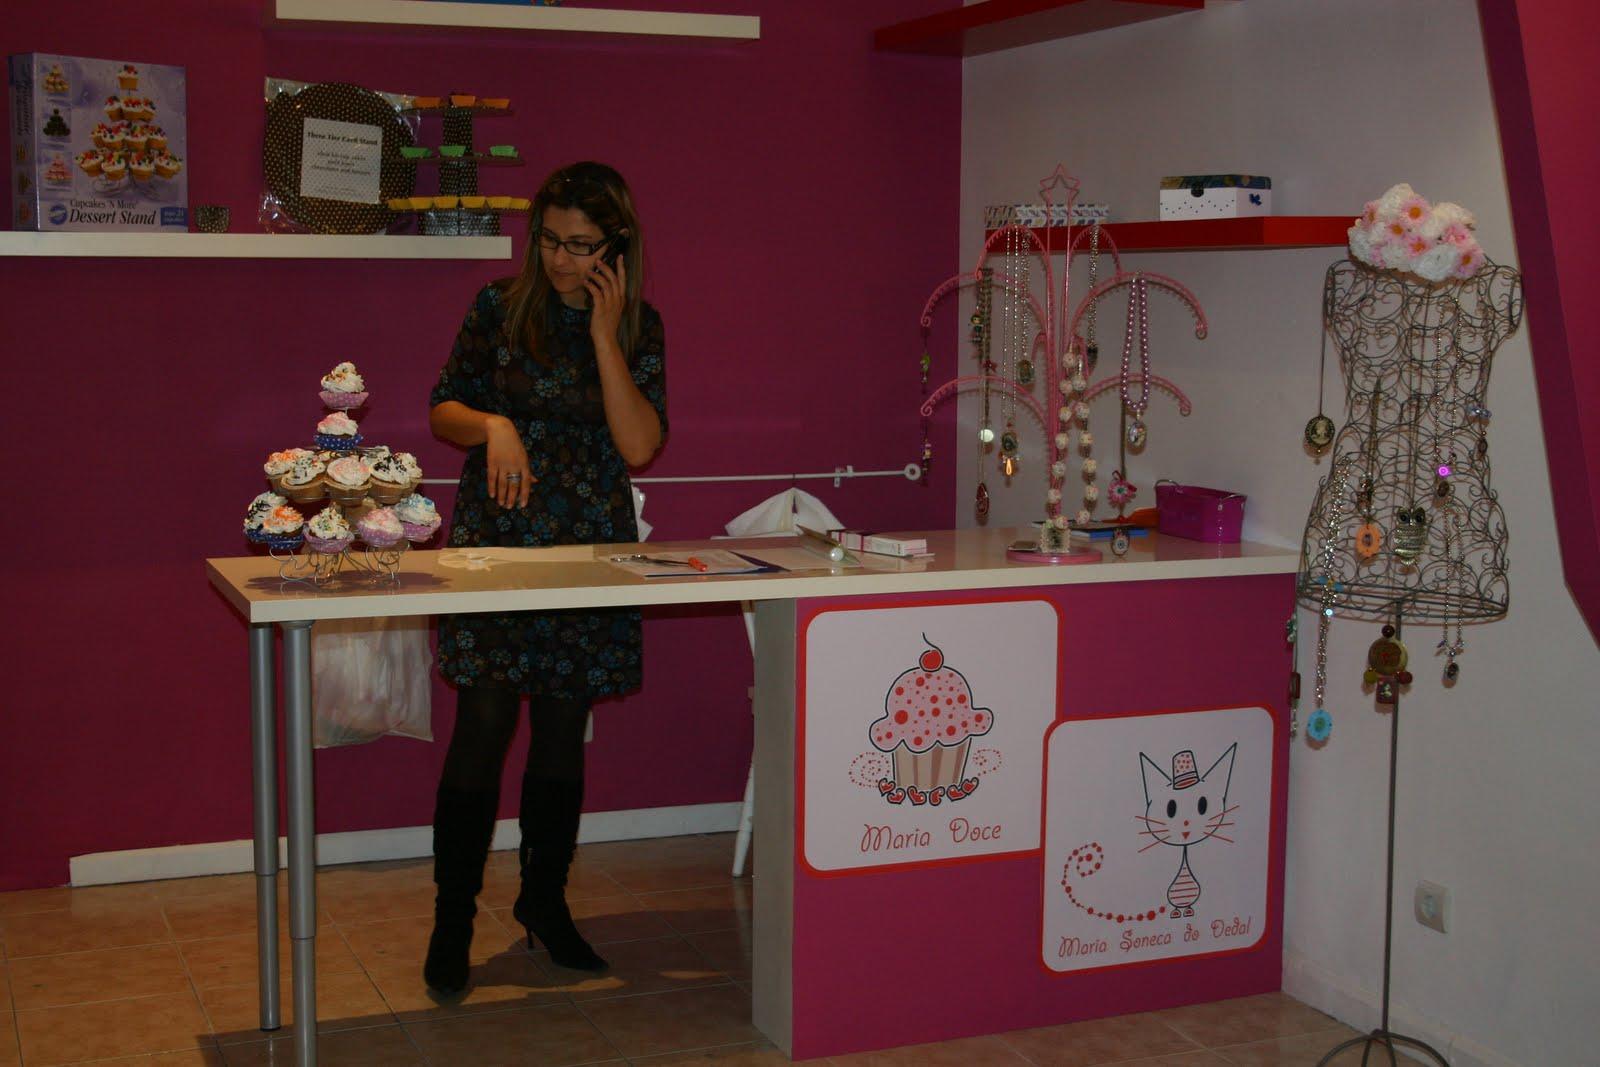 Cake Design Loja Viseu : mariasoneca